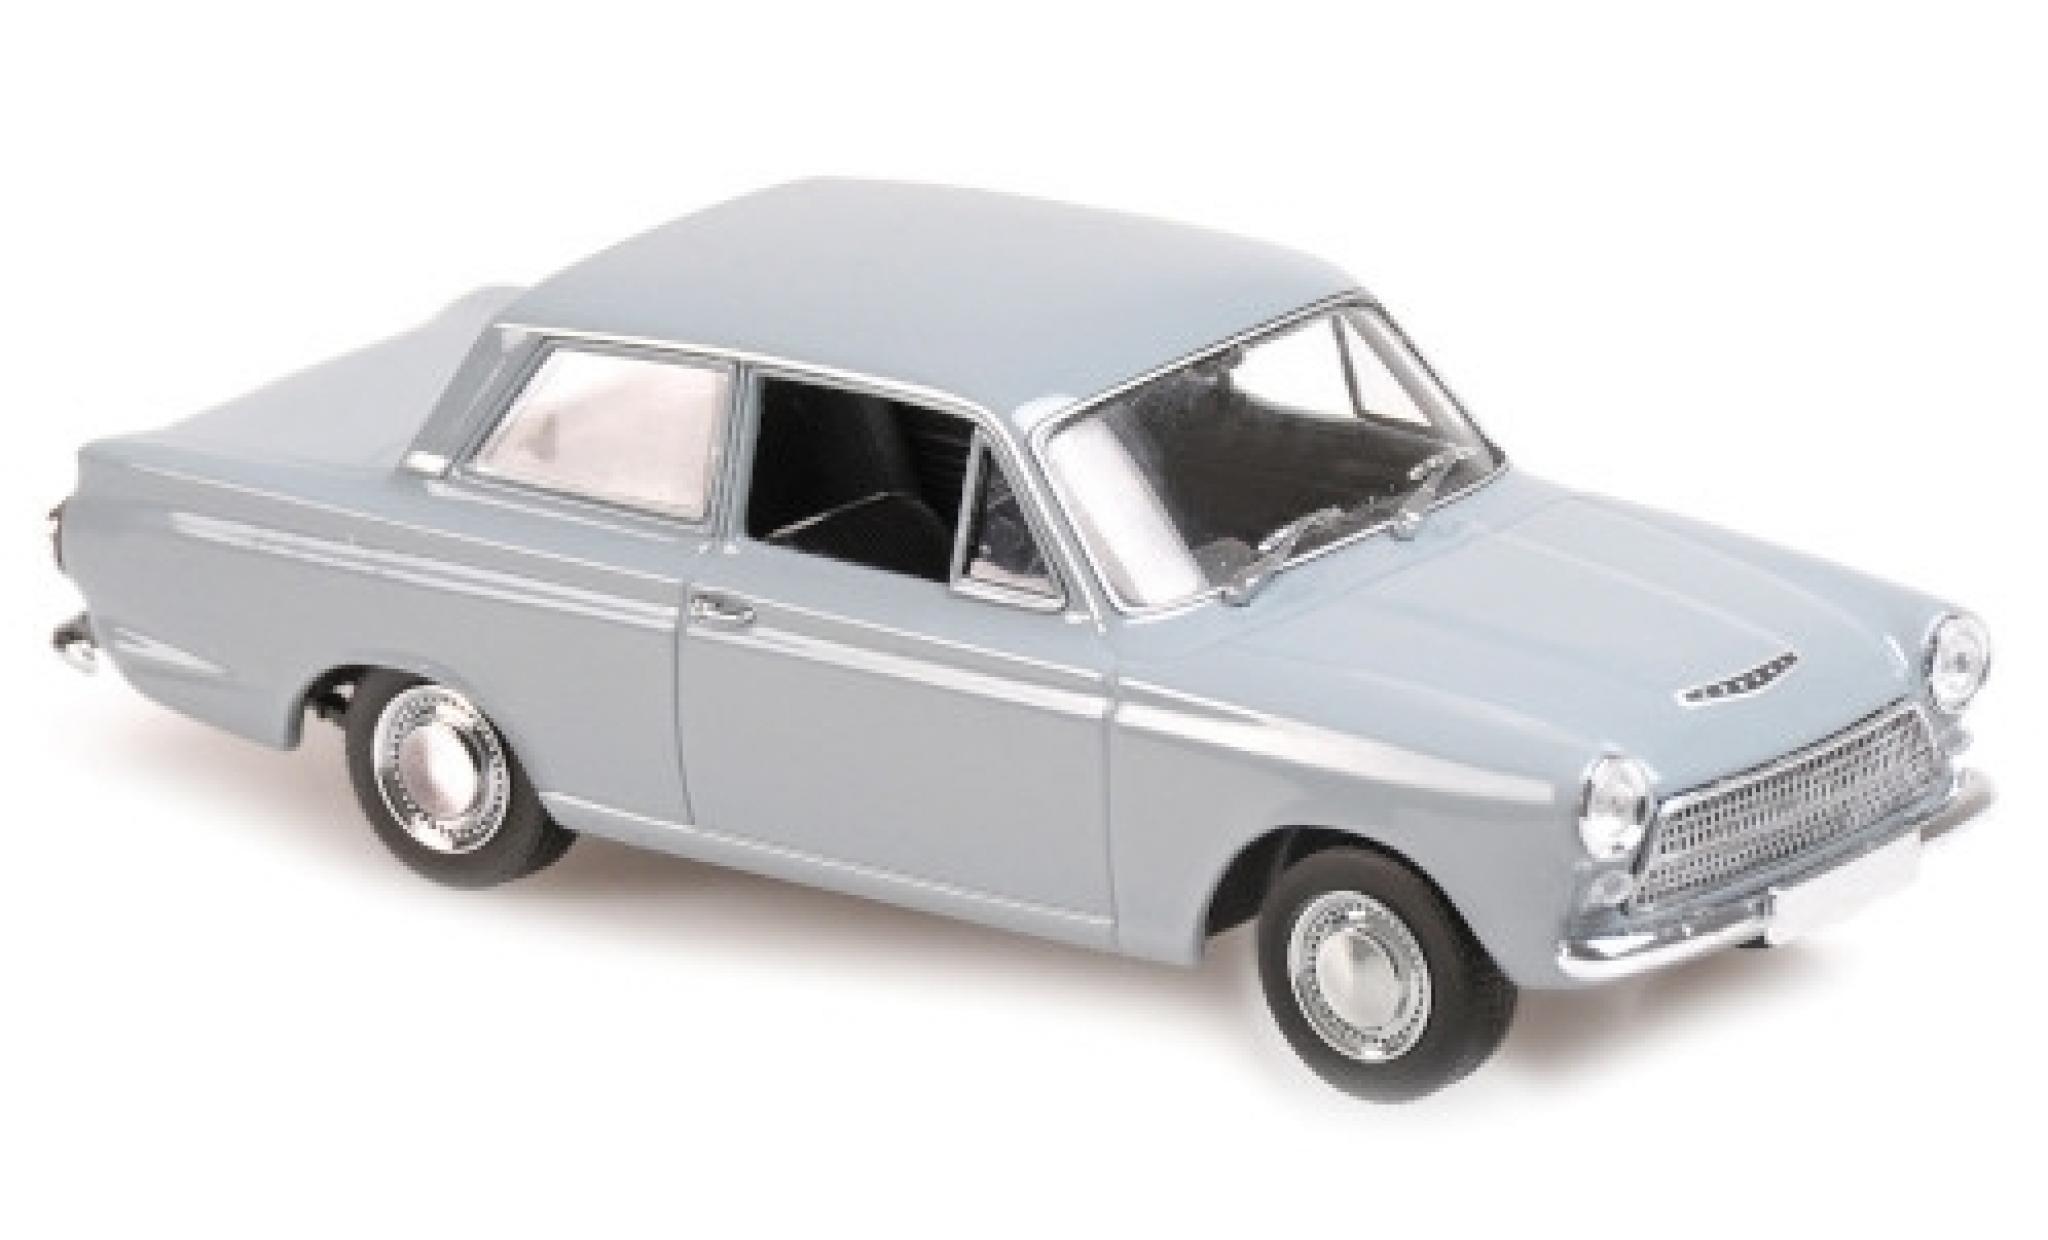 Ford Cortina 1/43 Maxichamps MkI grise RHD 1962